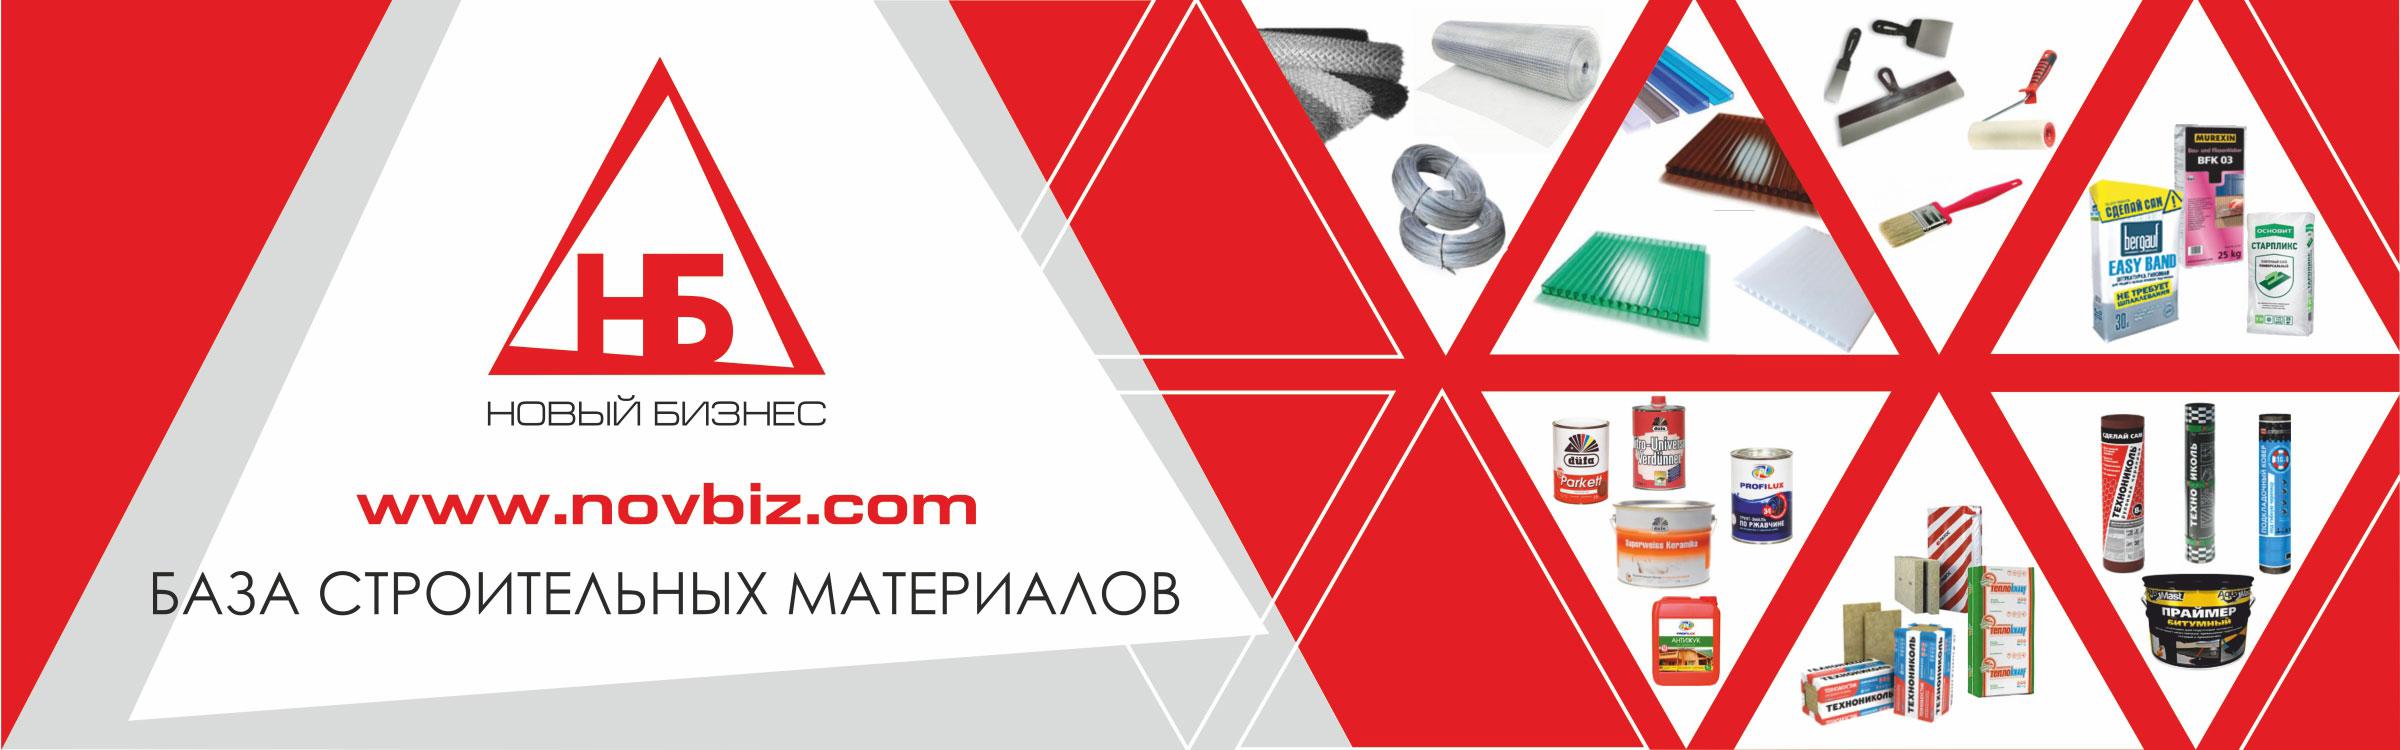 Стройматериалы и инструменты 'Новый Бизнес - Стройматериалы и инструменты' в Смоленске. Главная страница